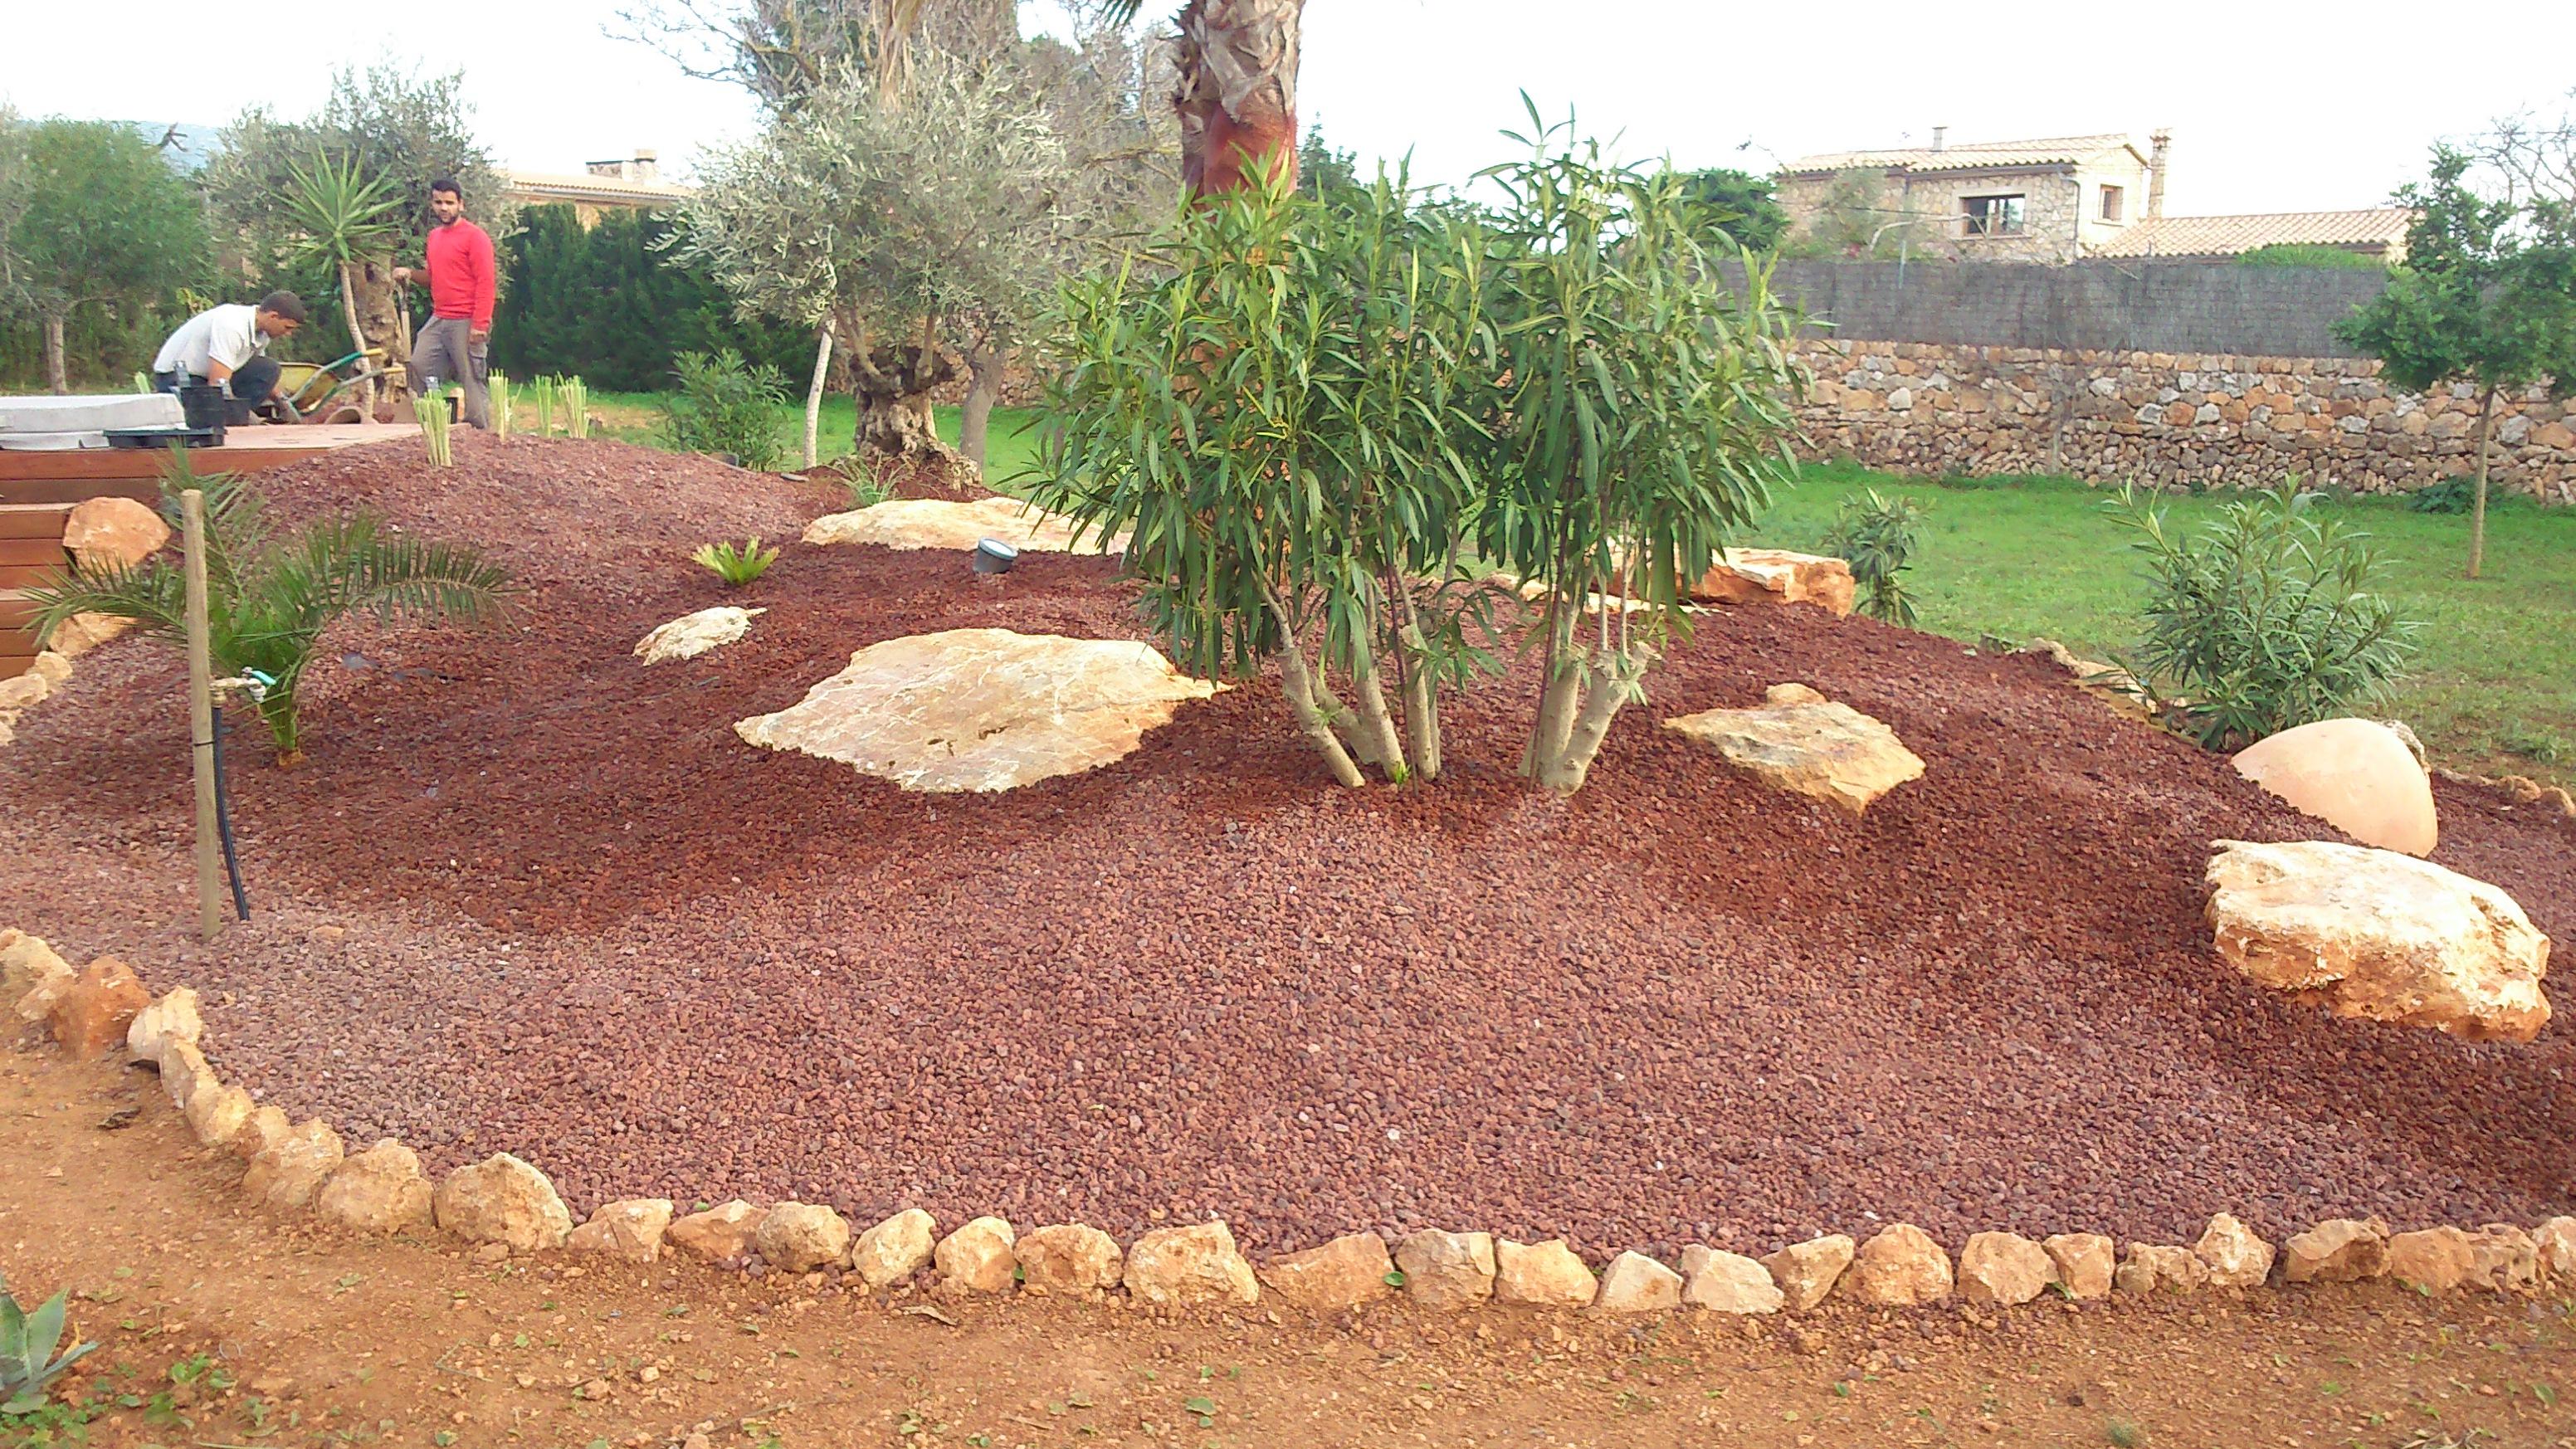 Jard n con canto rodado volc nica roja 10 15 curient s a for Piedra volcanica para jardin